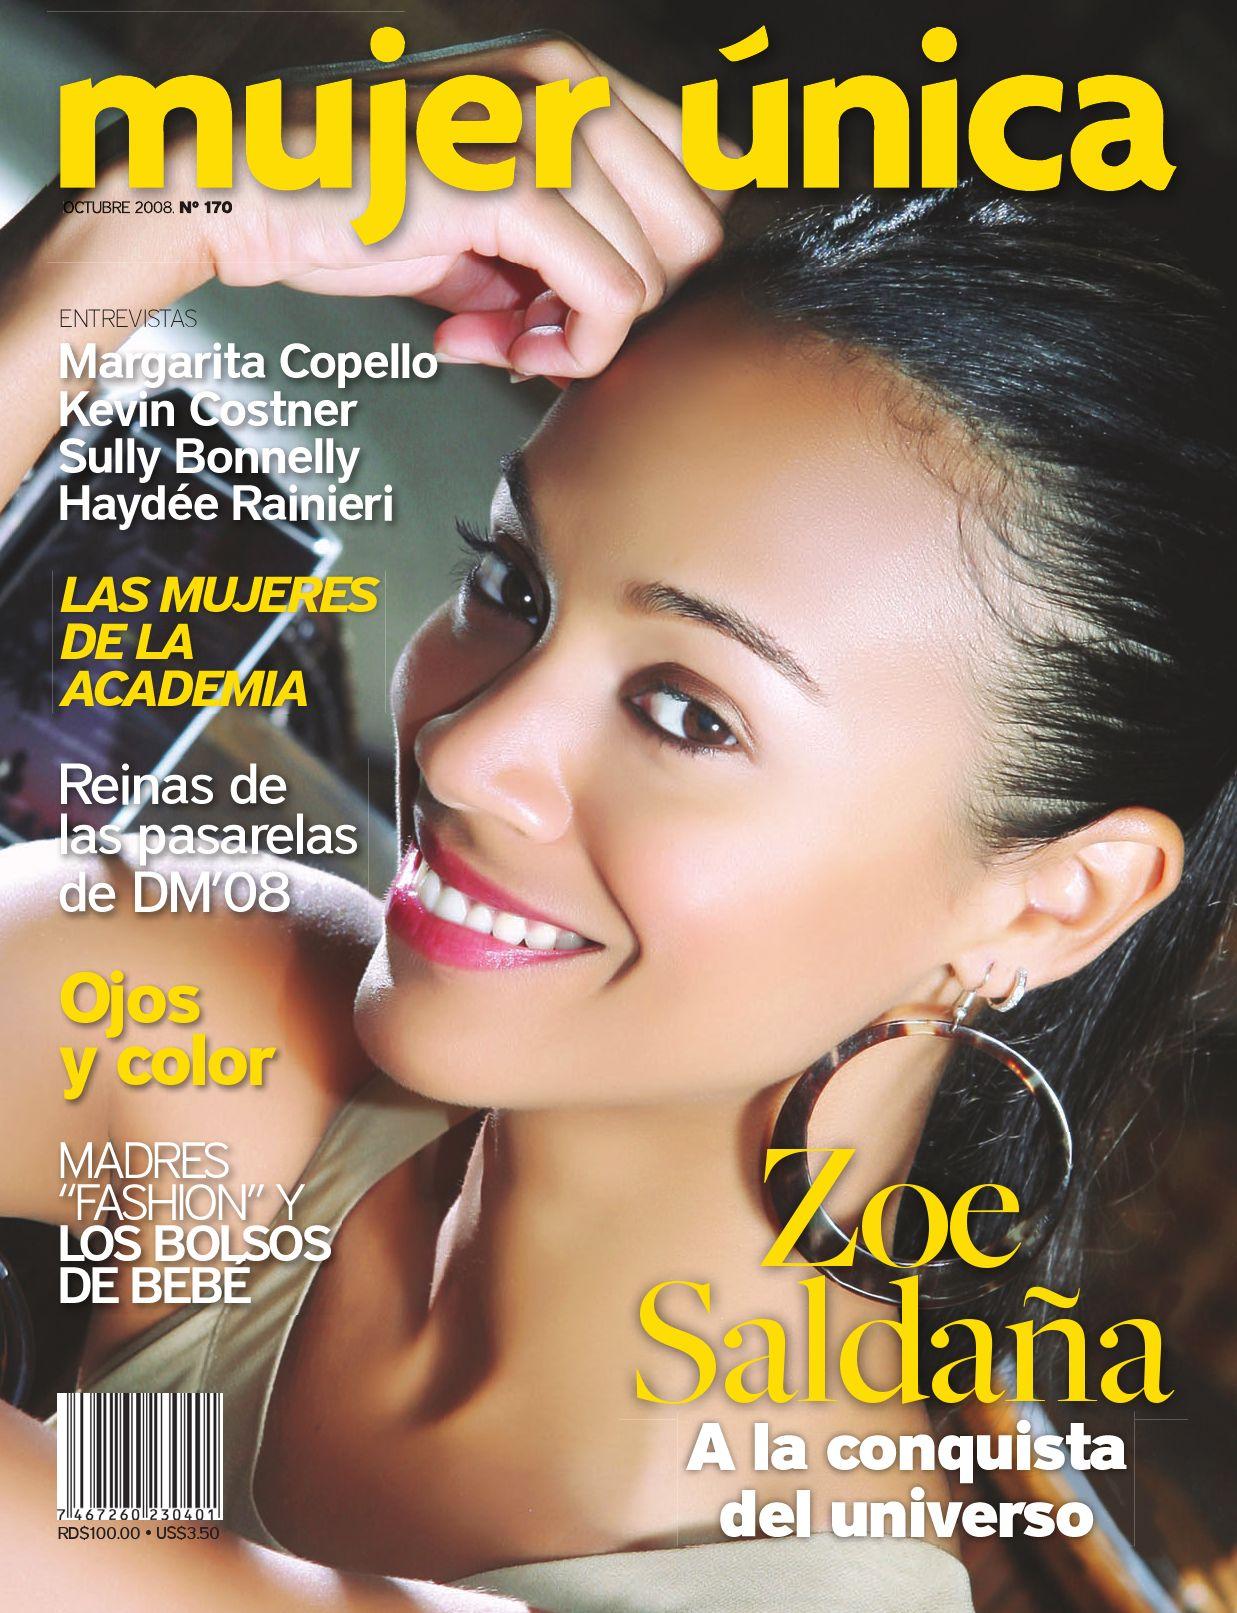 2dd376fa369 mujerunica  170 by Grupo Diario Libre